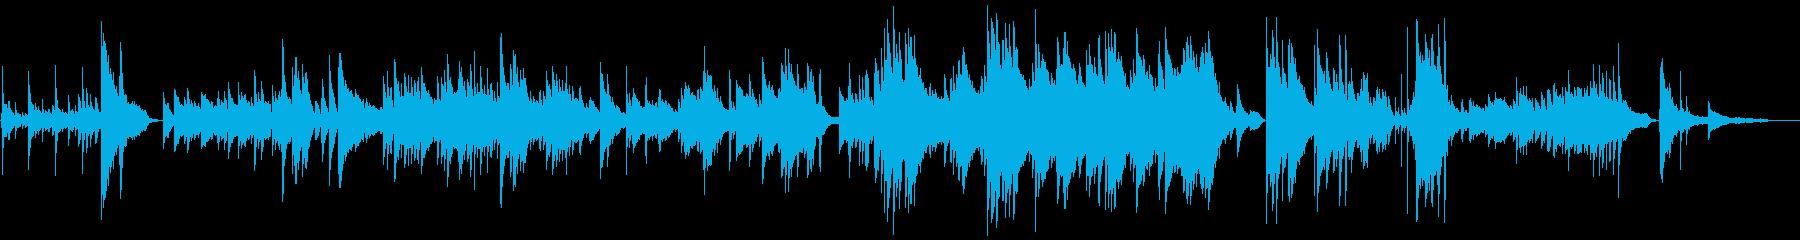 暗く悲しいシーンのピアノ曲の再生済みの波形